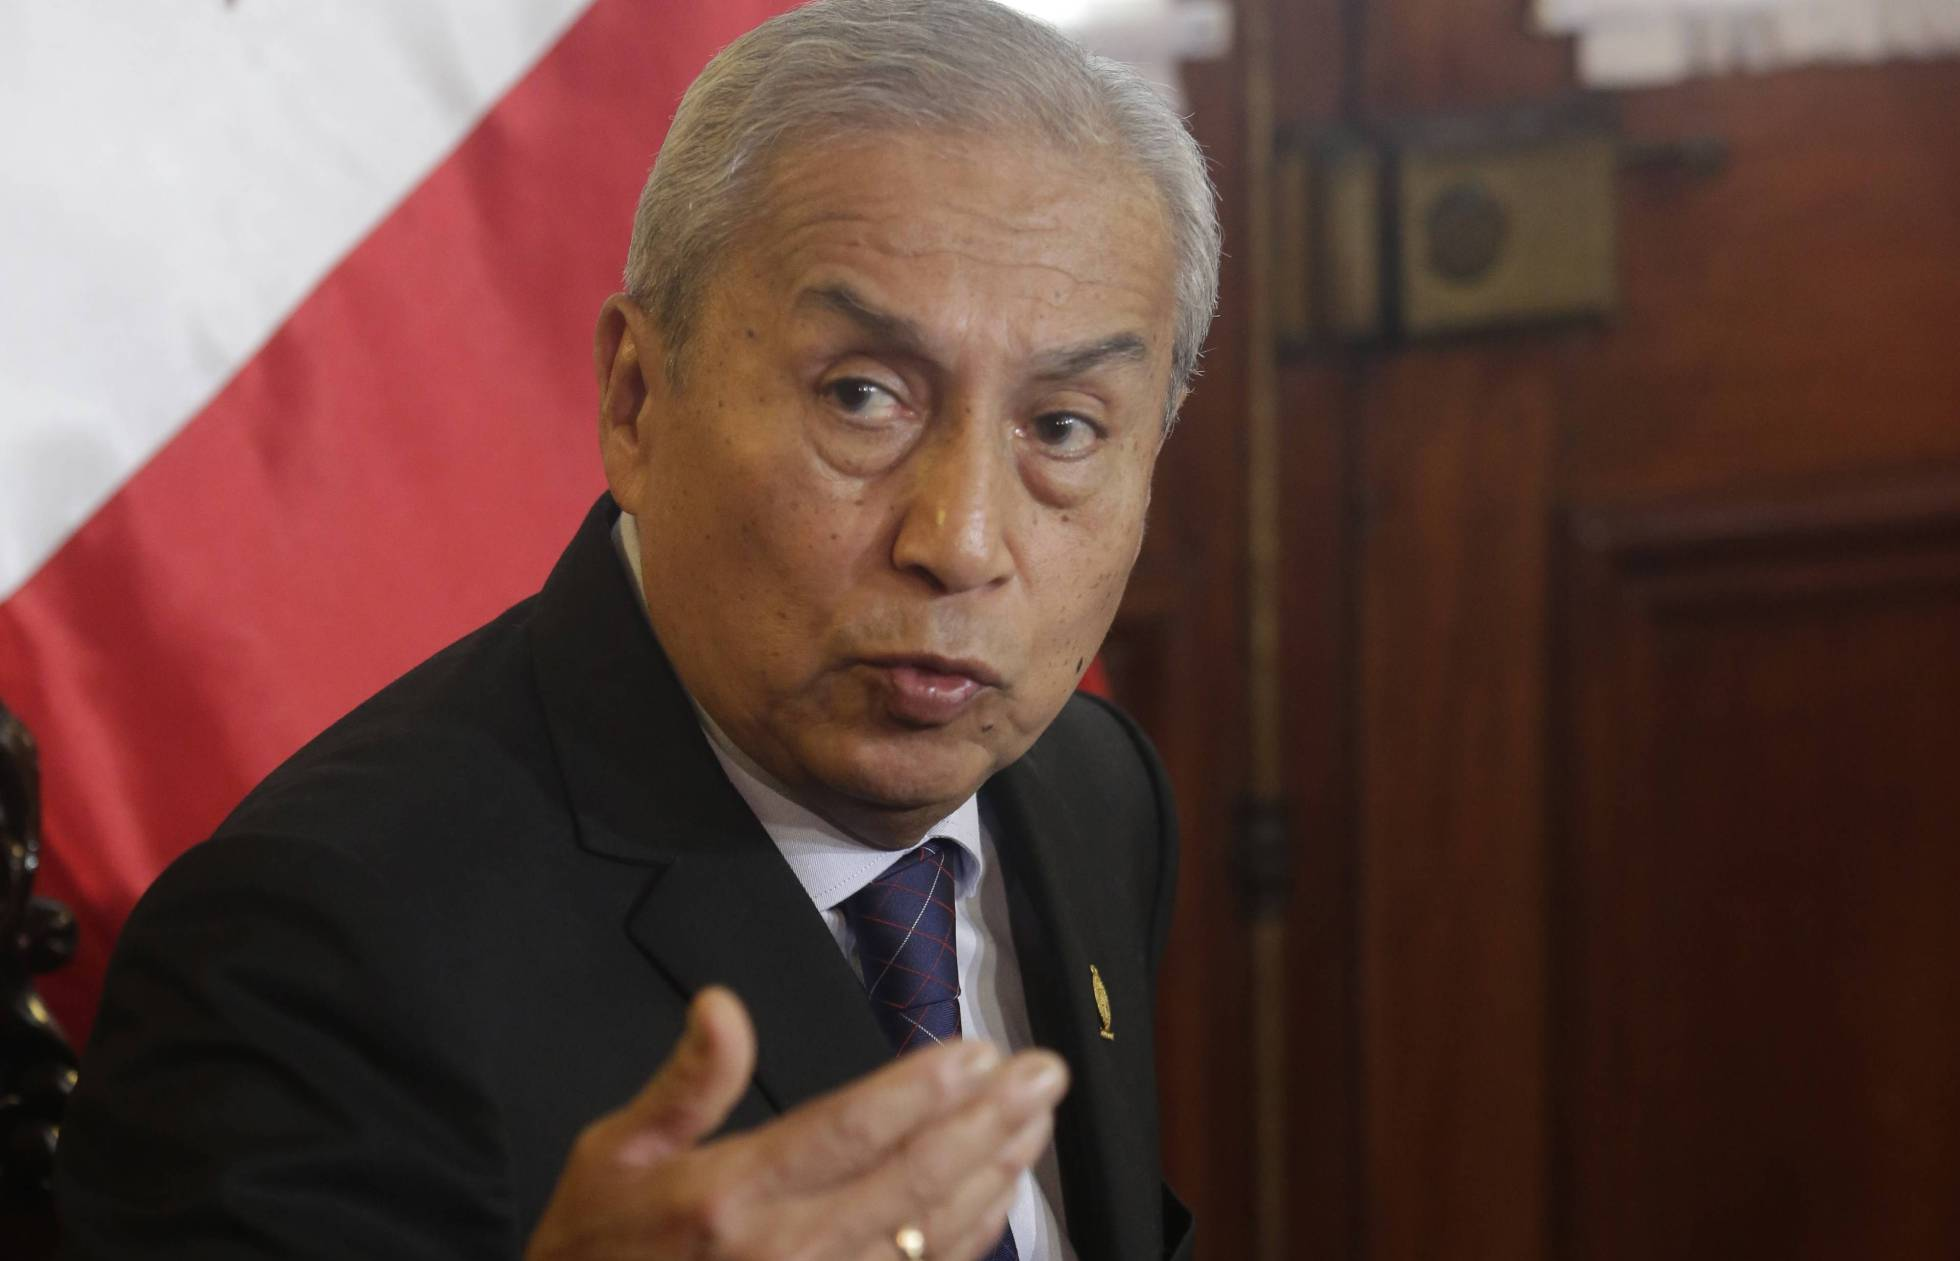 El fiscal general de Perú dimite por la gestión del 'caso Odebrecht'